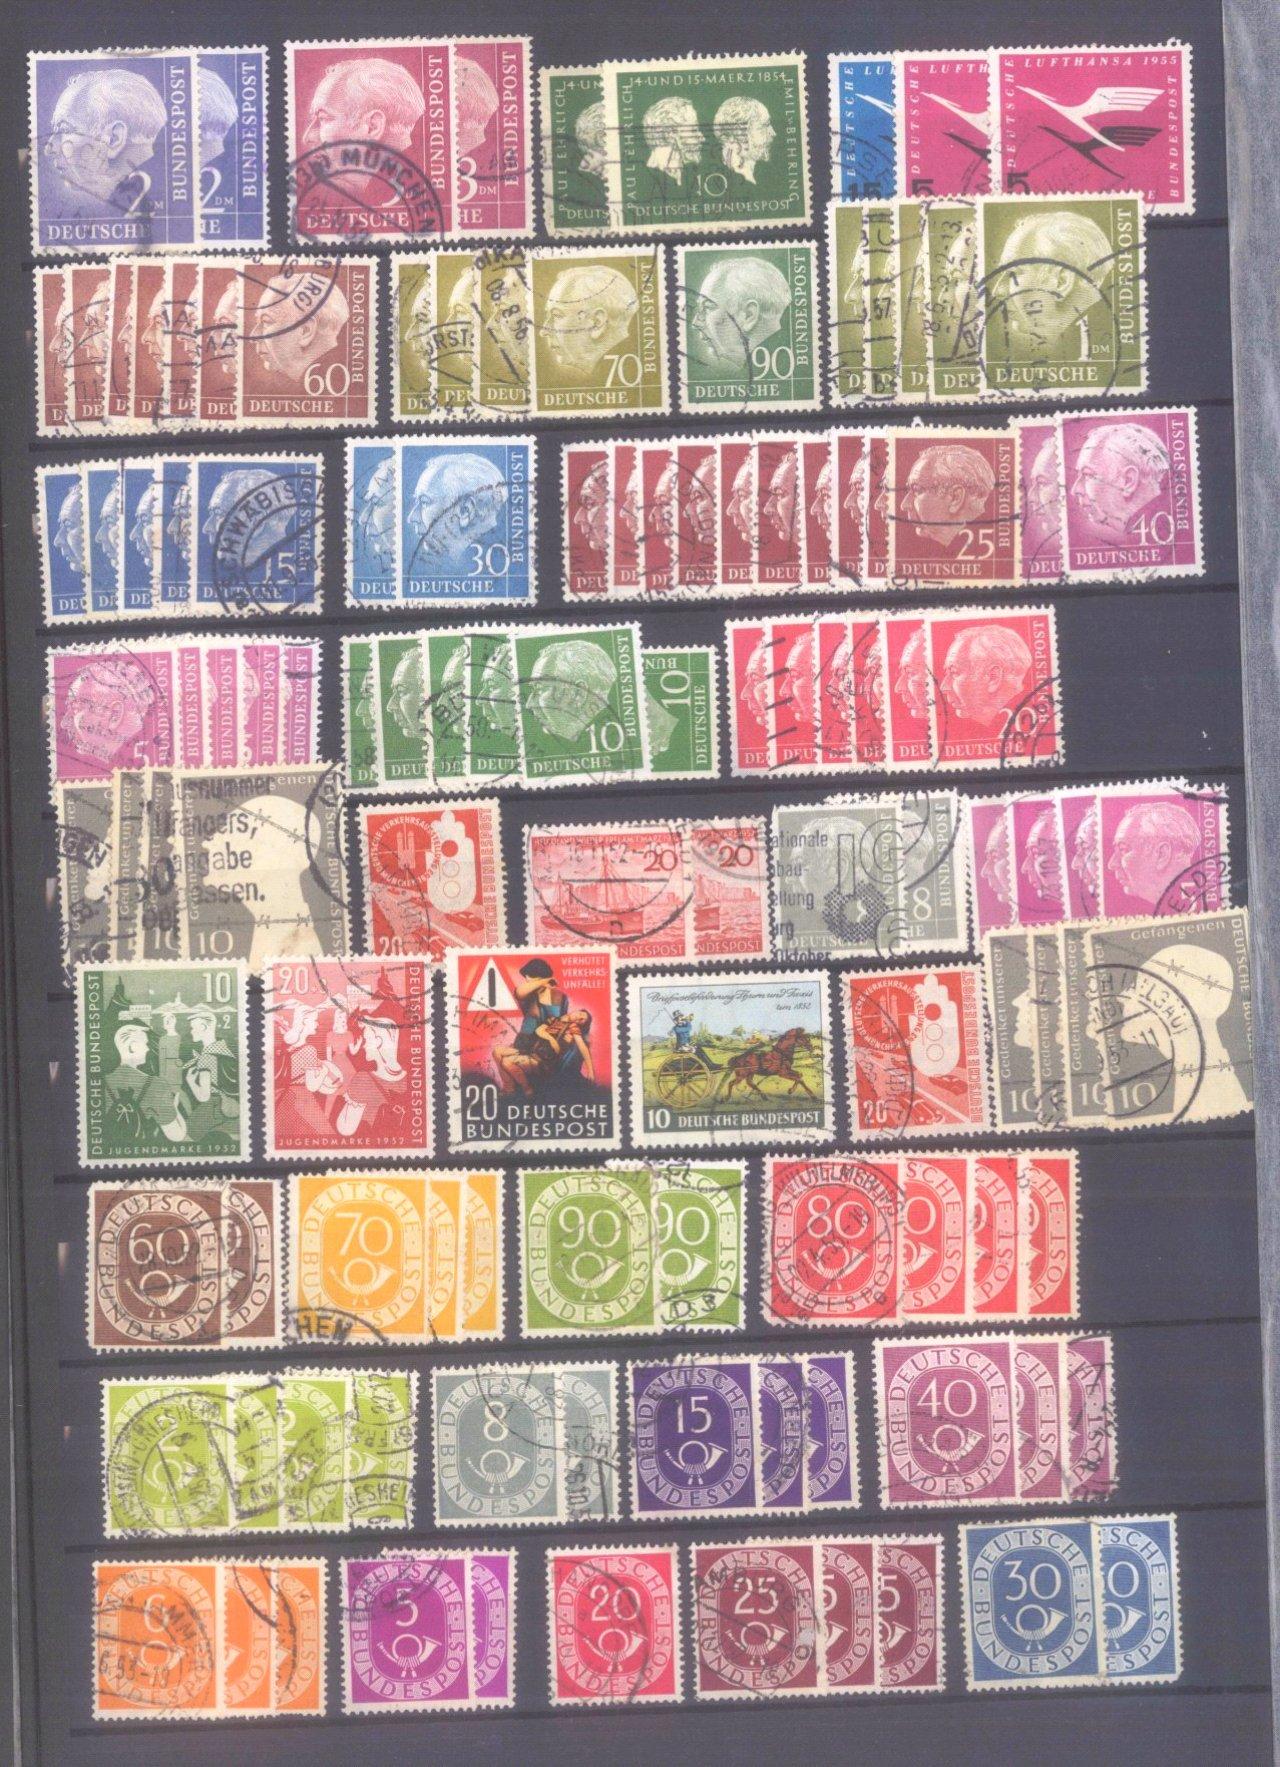 Mannheimer Briefmarkennachlass-18